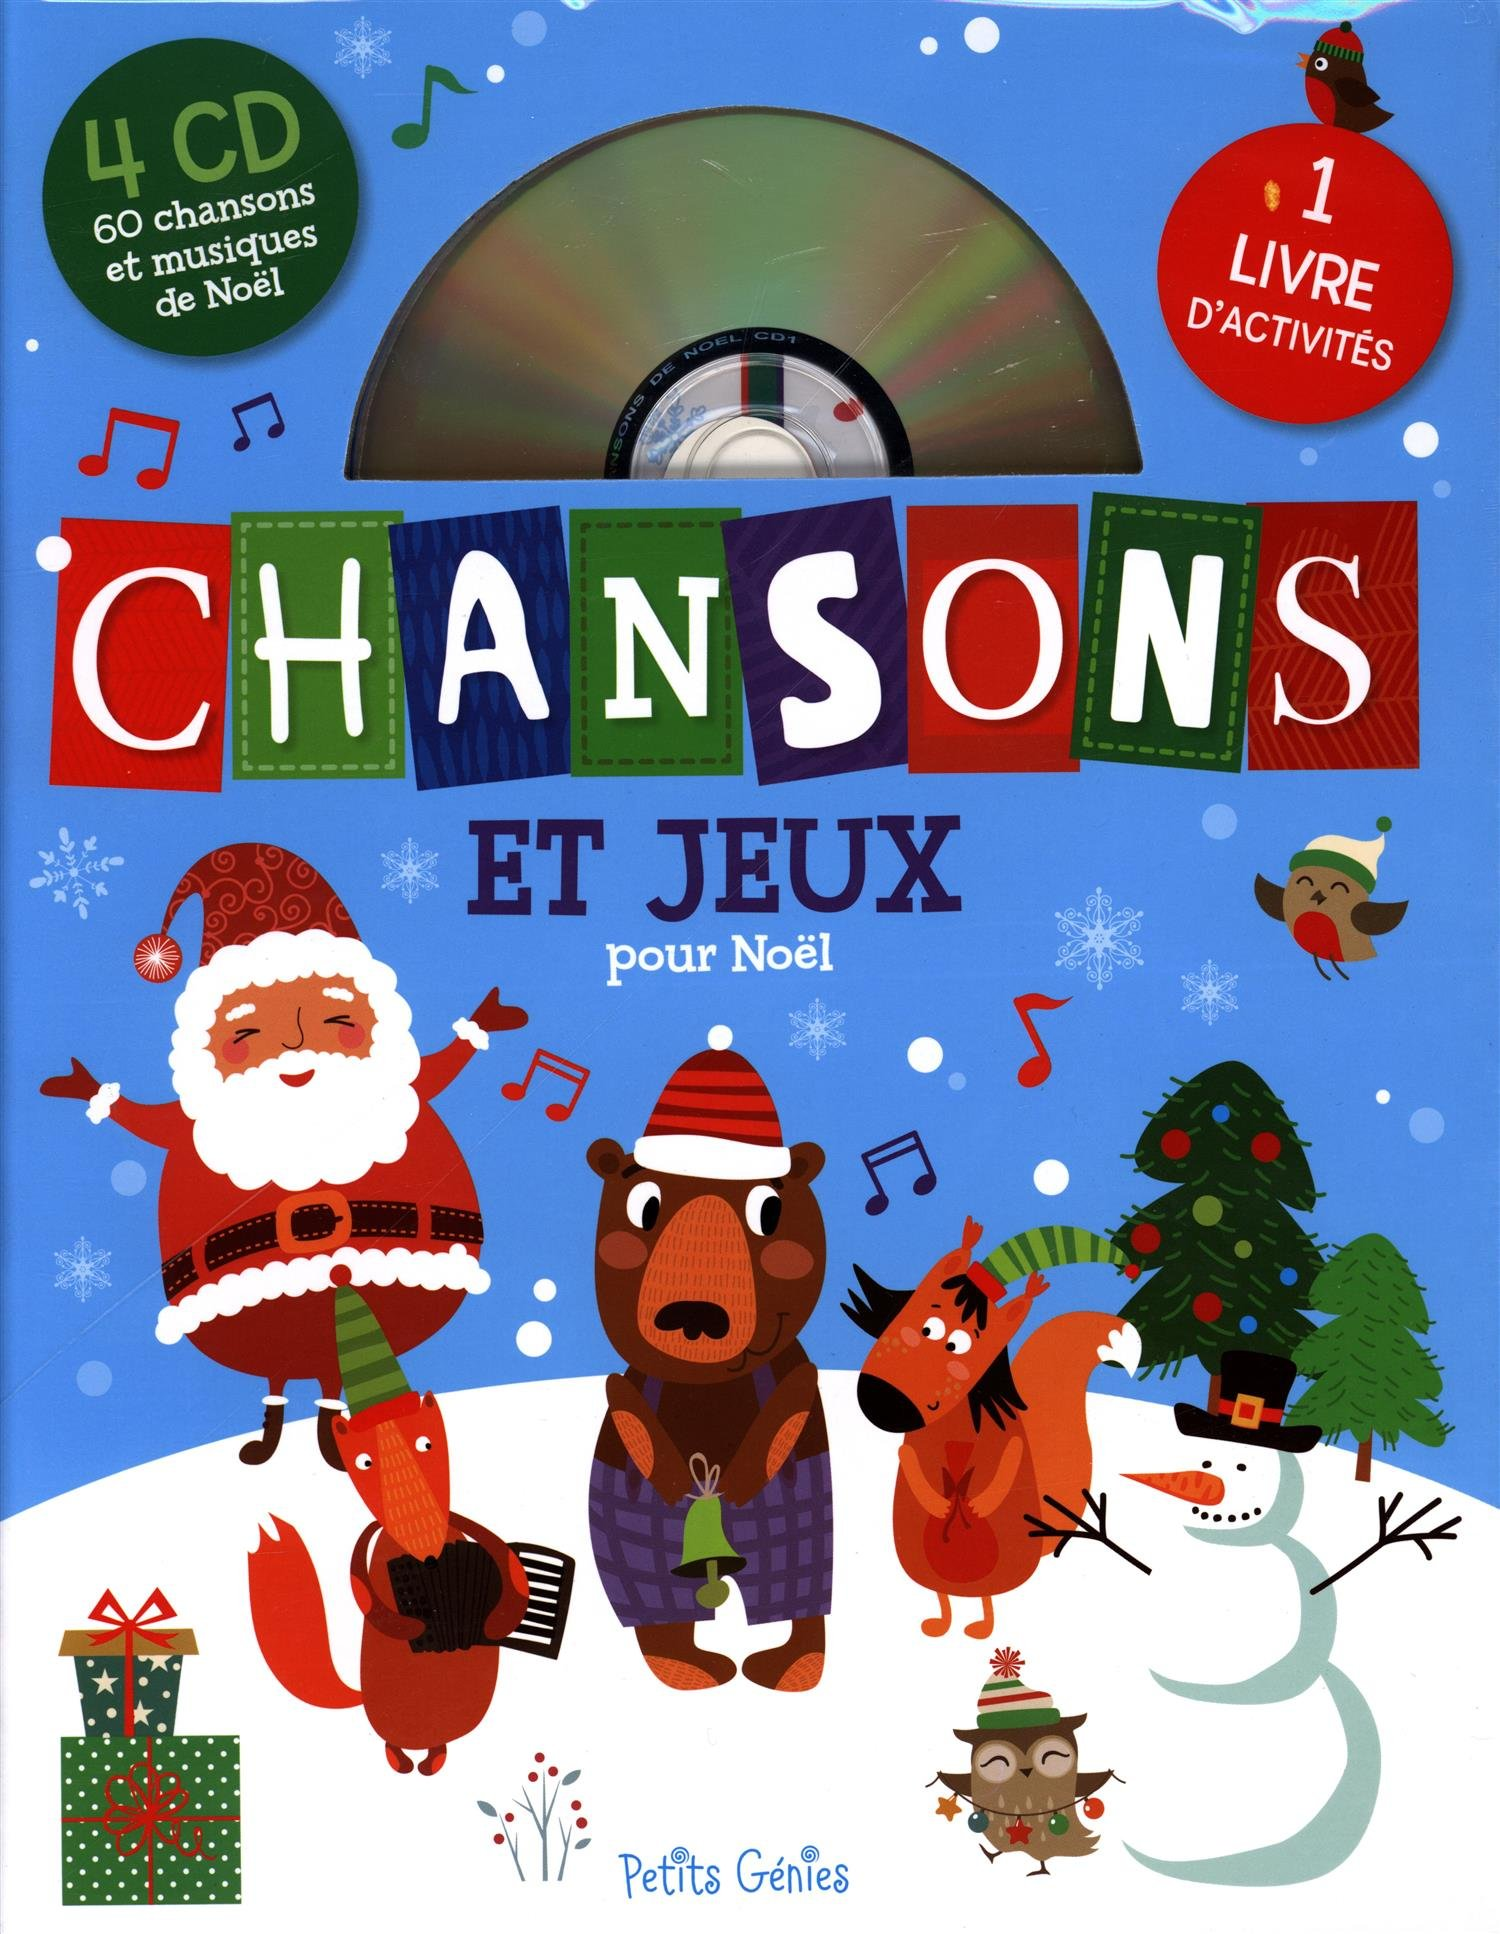 Jeux Pour Noel.Chansons Et Jeux Pour Noël Claire Chabot 9781988142036